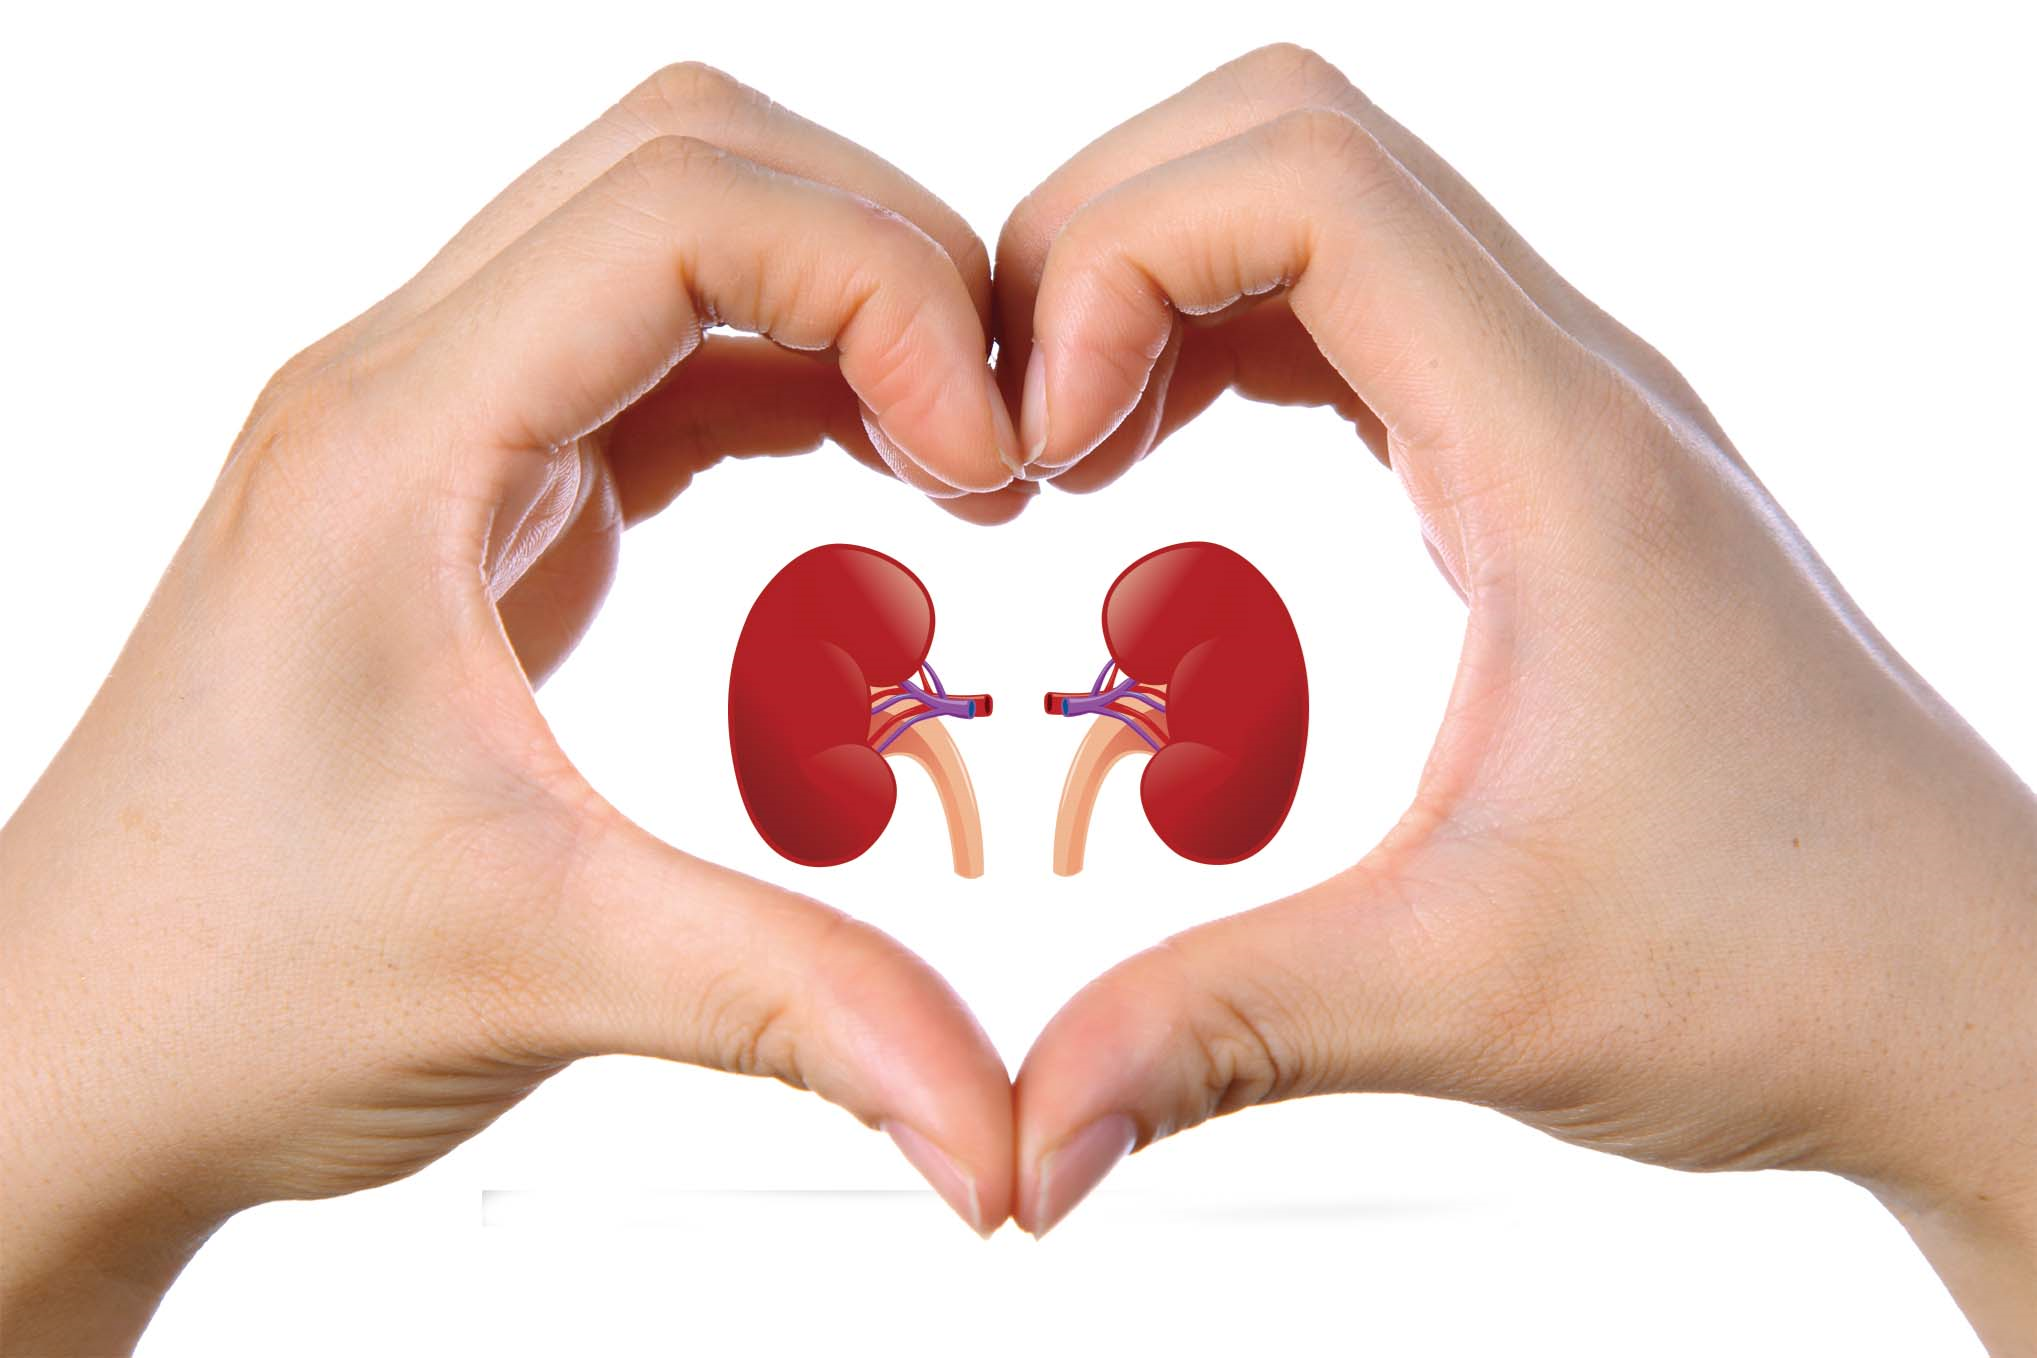 توصیه های غذایی برای کاهش کراتینین خون